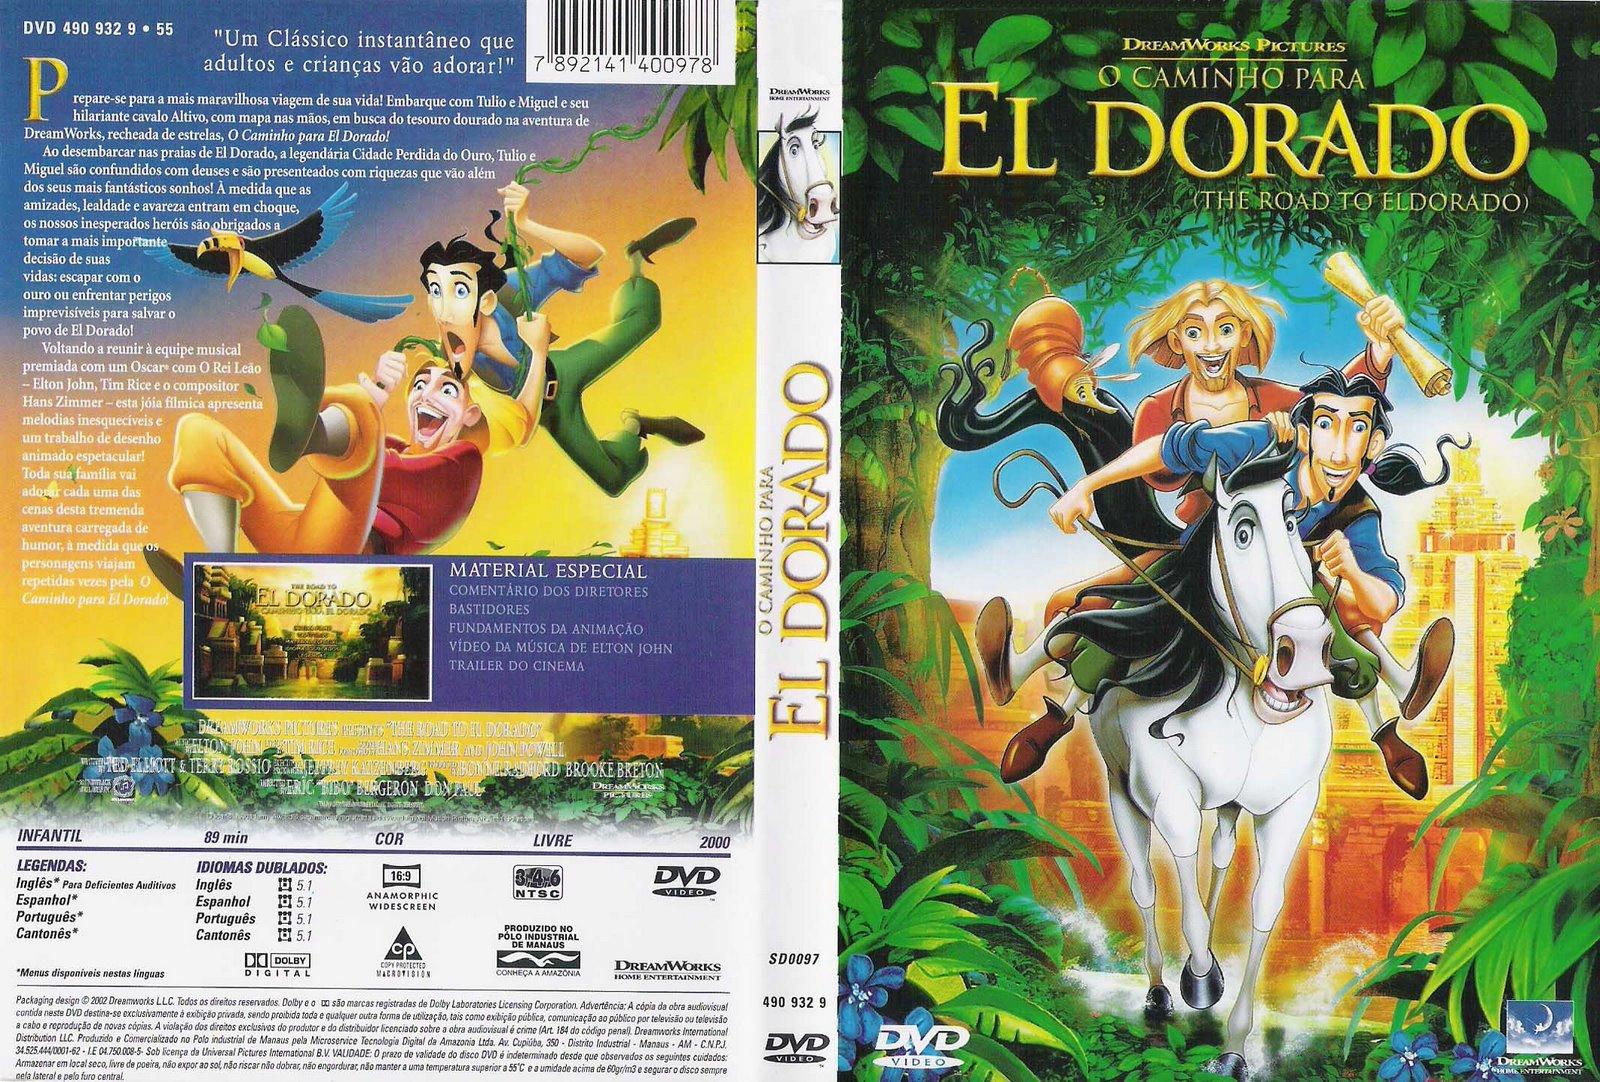 http://4.bp.blogspot.com/-urbtST85ef0/T0wtJ5ywj6I/AAAAAAAAAIU/GDla-EXxb7Q/s1600/O+CAMINHO+PARA++EL+DORADO+CAPA+DVD.jpg